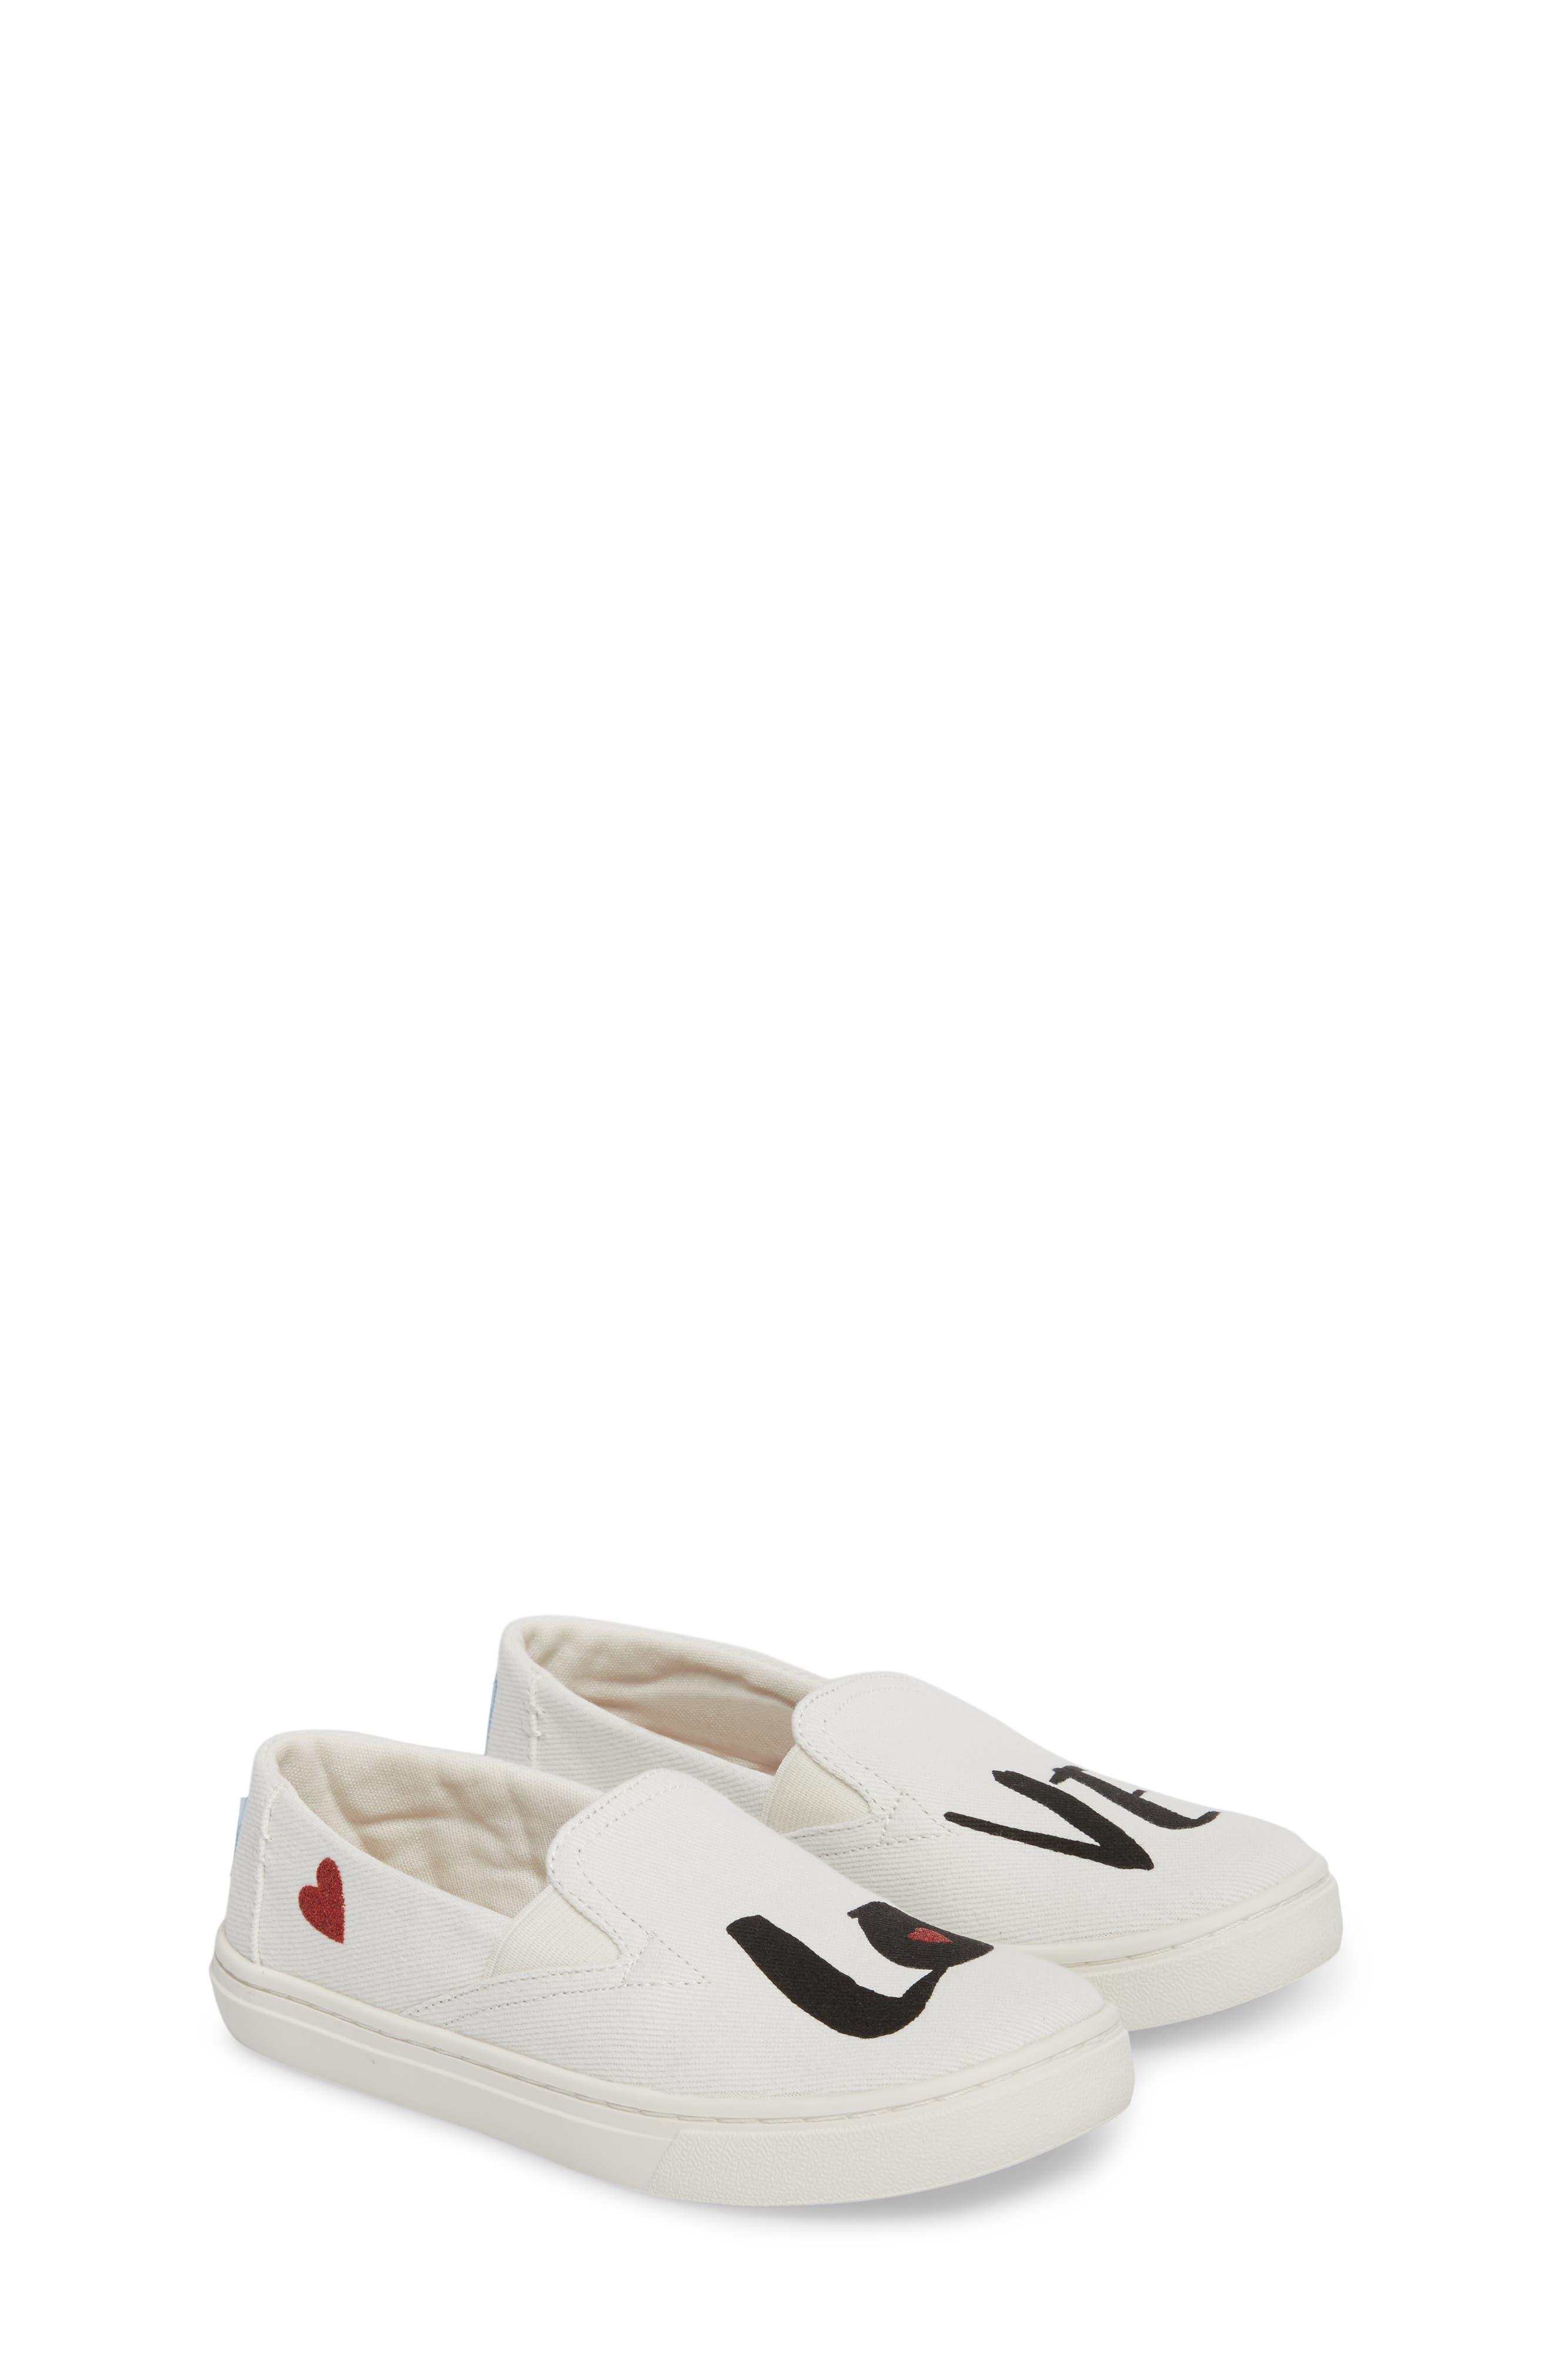 Luca Slip-On Sneaker,                             Alternate thumbnail 12, color,